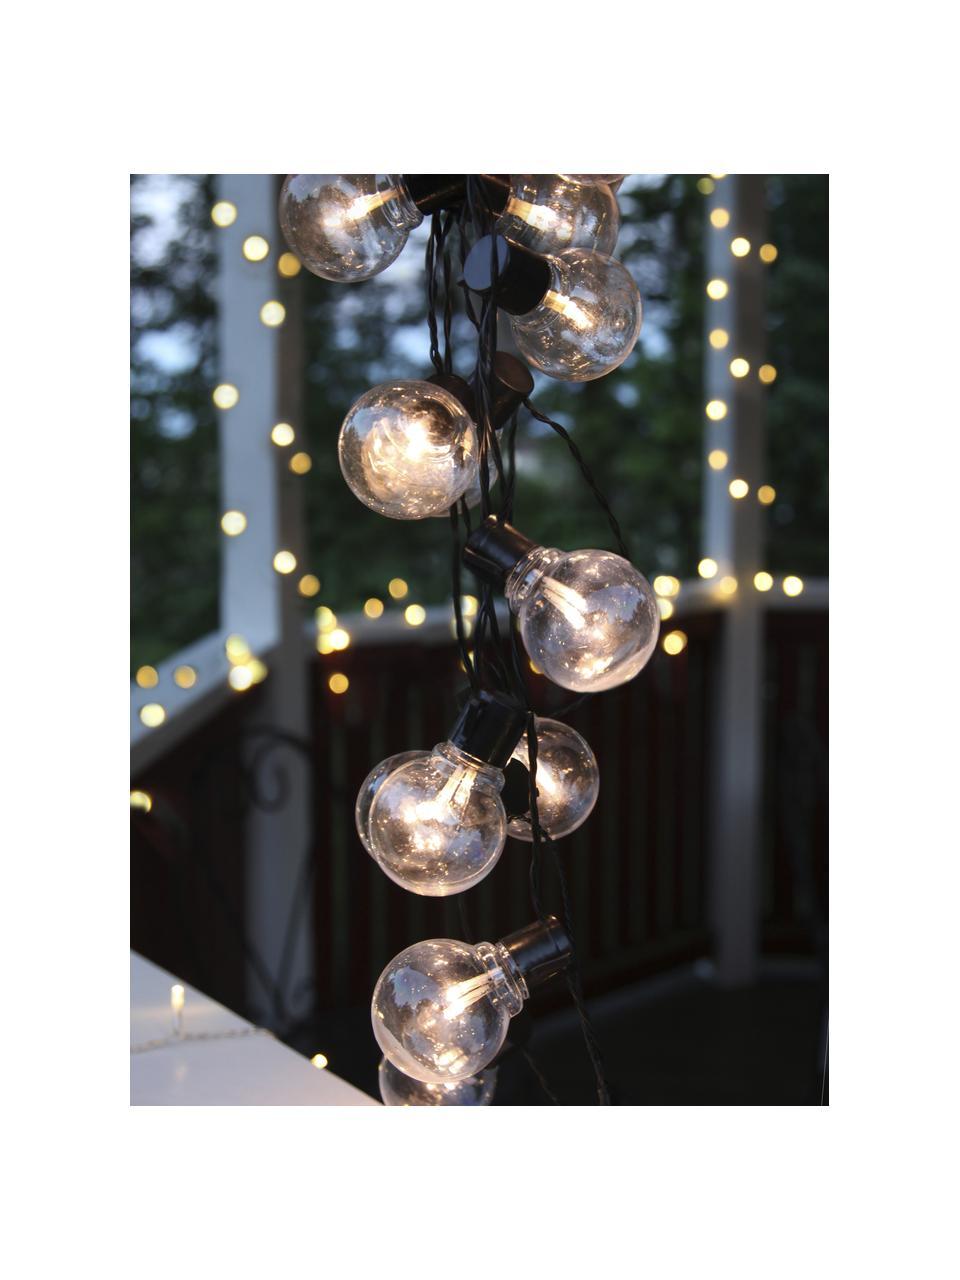 Outdoor LED-Lichterkette Partaj, 950 cm, 16 Lampions, Lampions: Kunststoff, Schwarz, L 950 cm